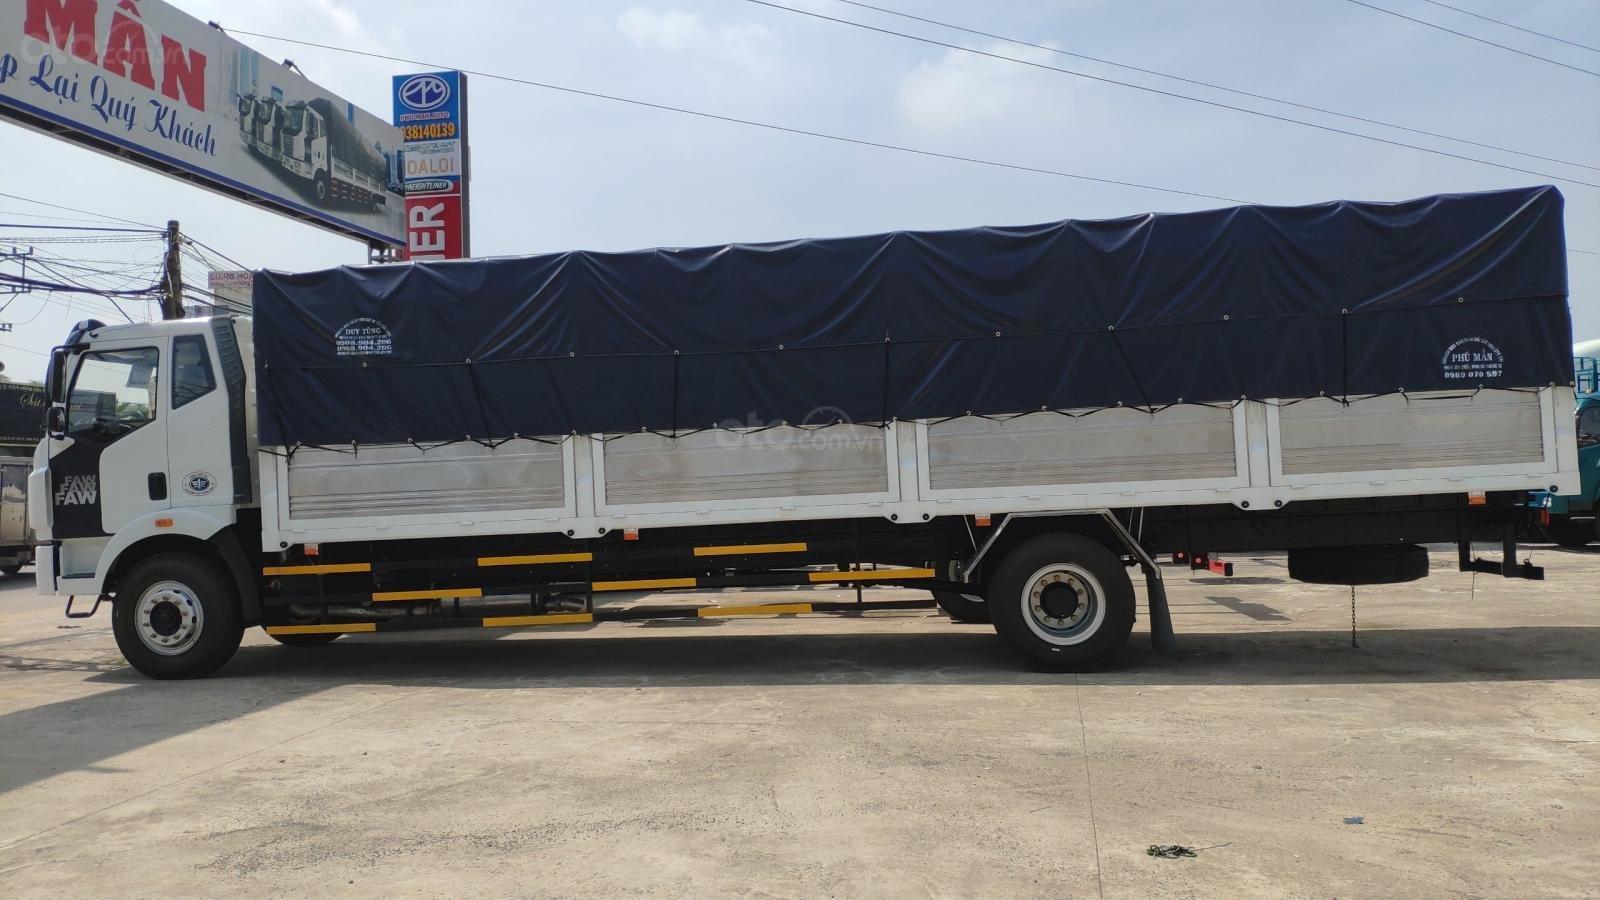 Bán xe tải Faw 8 tấn, thùng dài 9m7, giá rẻ Bình Dương, trả trước từ 300 tirệu nhận xe, lãi suất tốt (3)